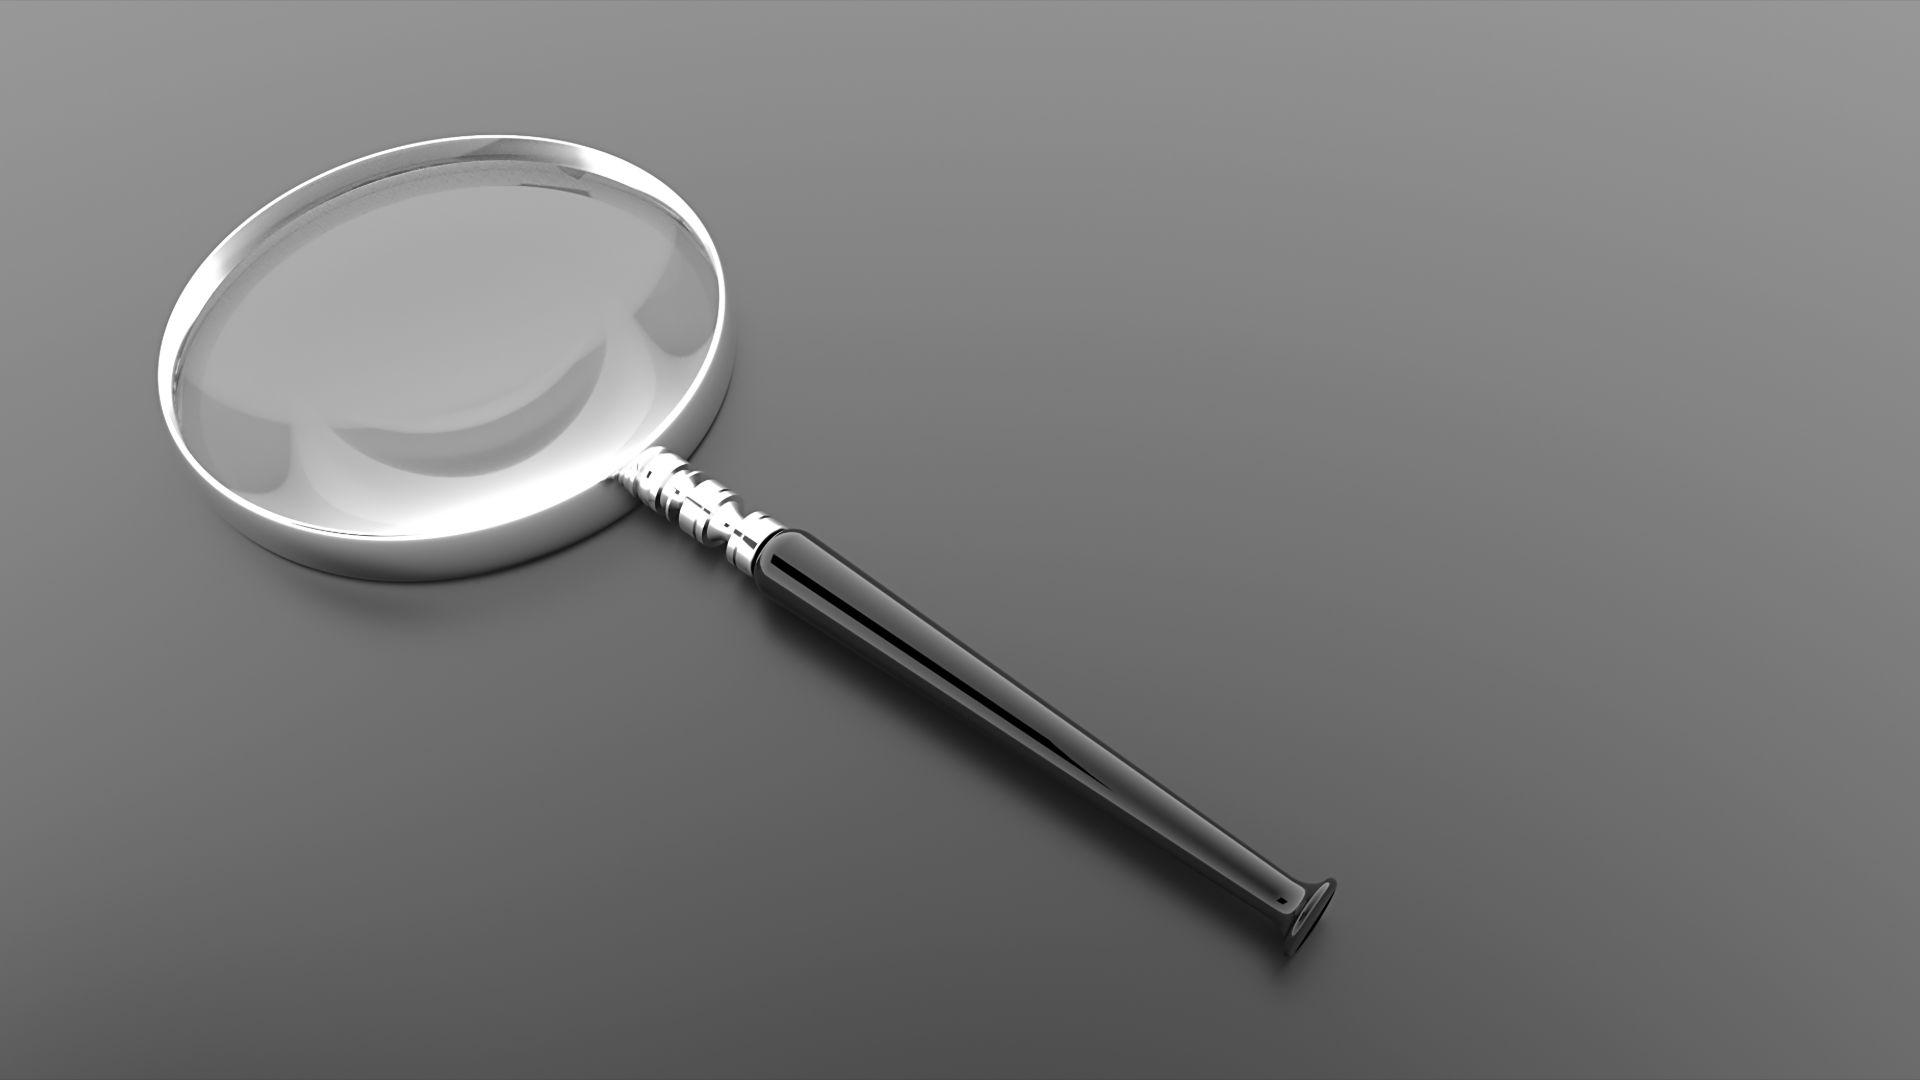 4 טיפים לפשט בדיקת נאותות לסטארט אפ